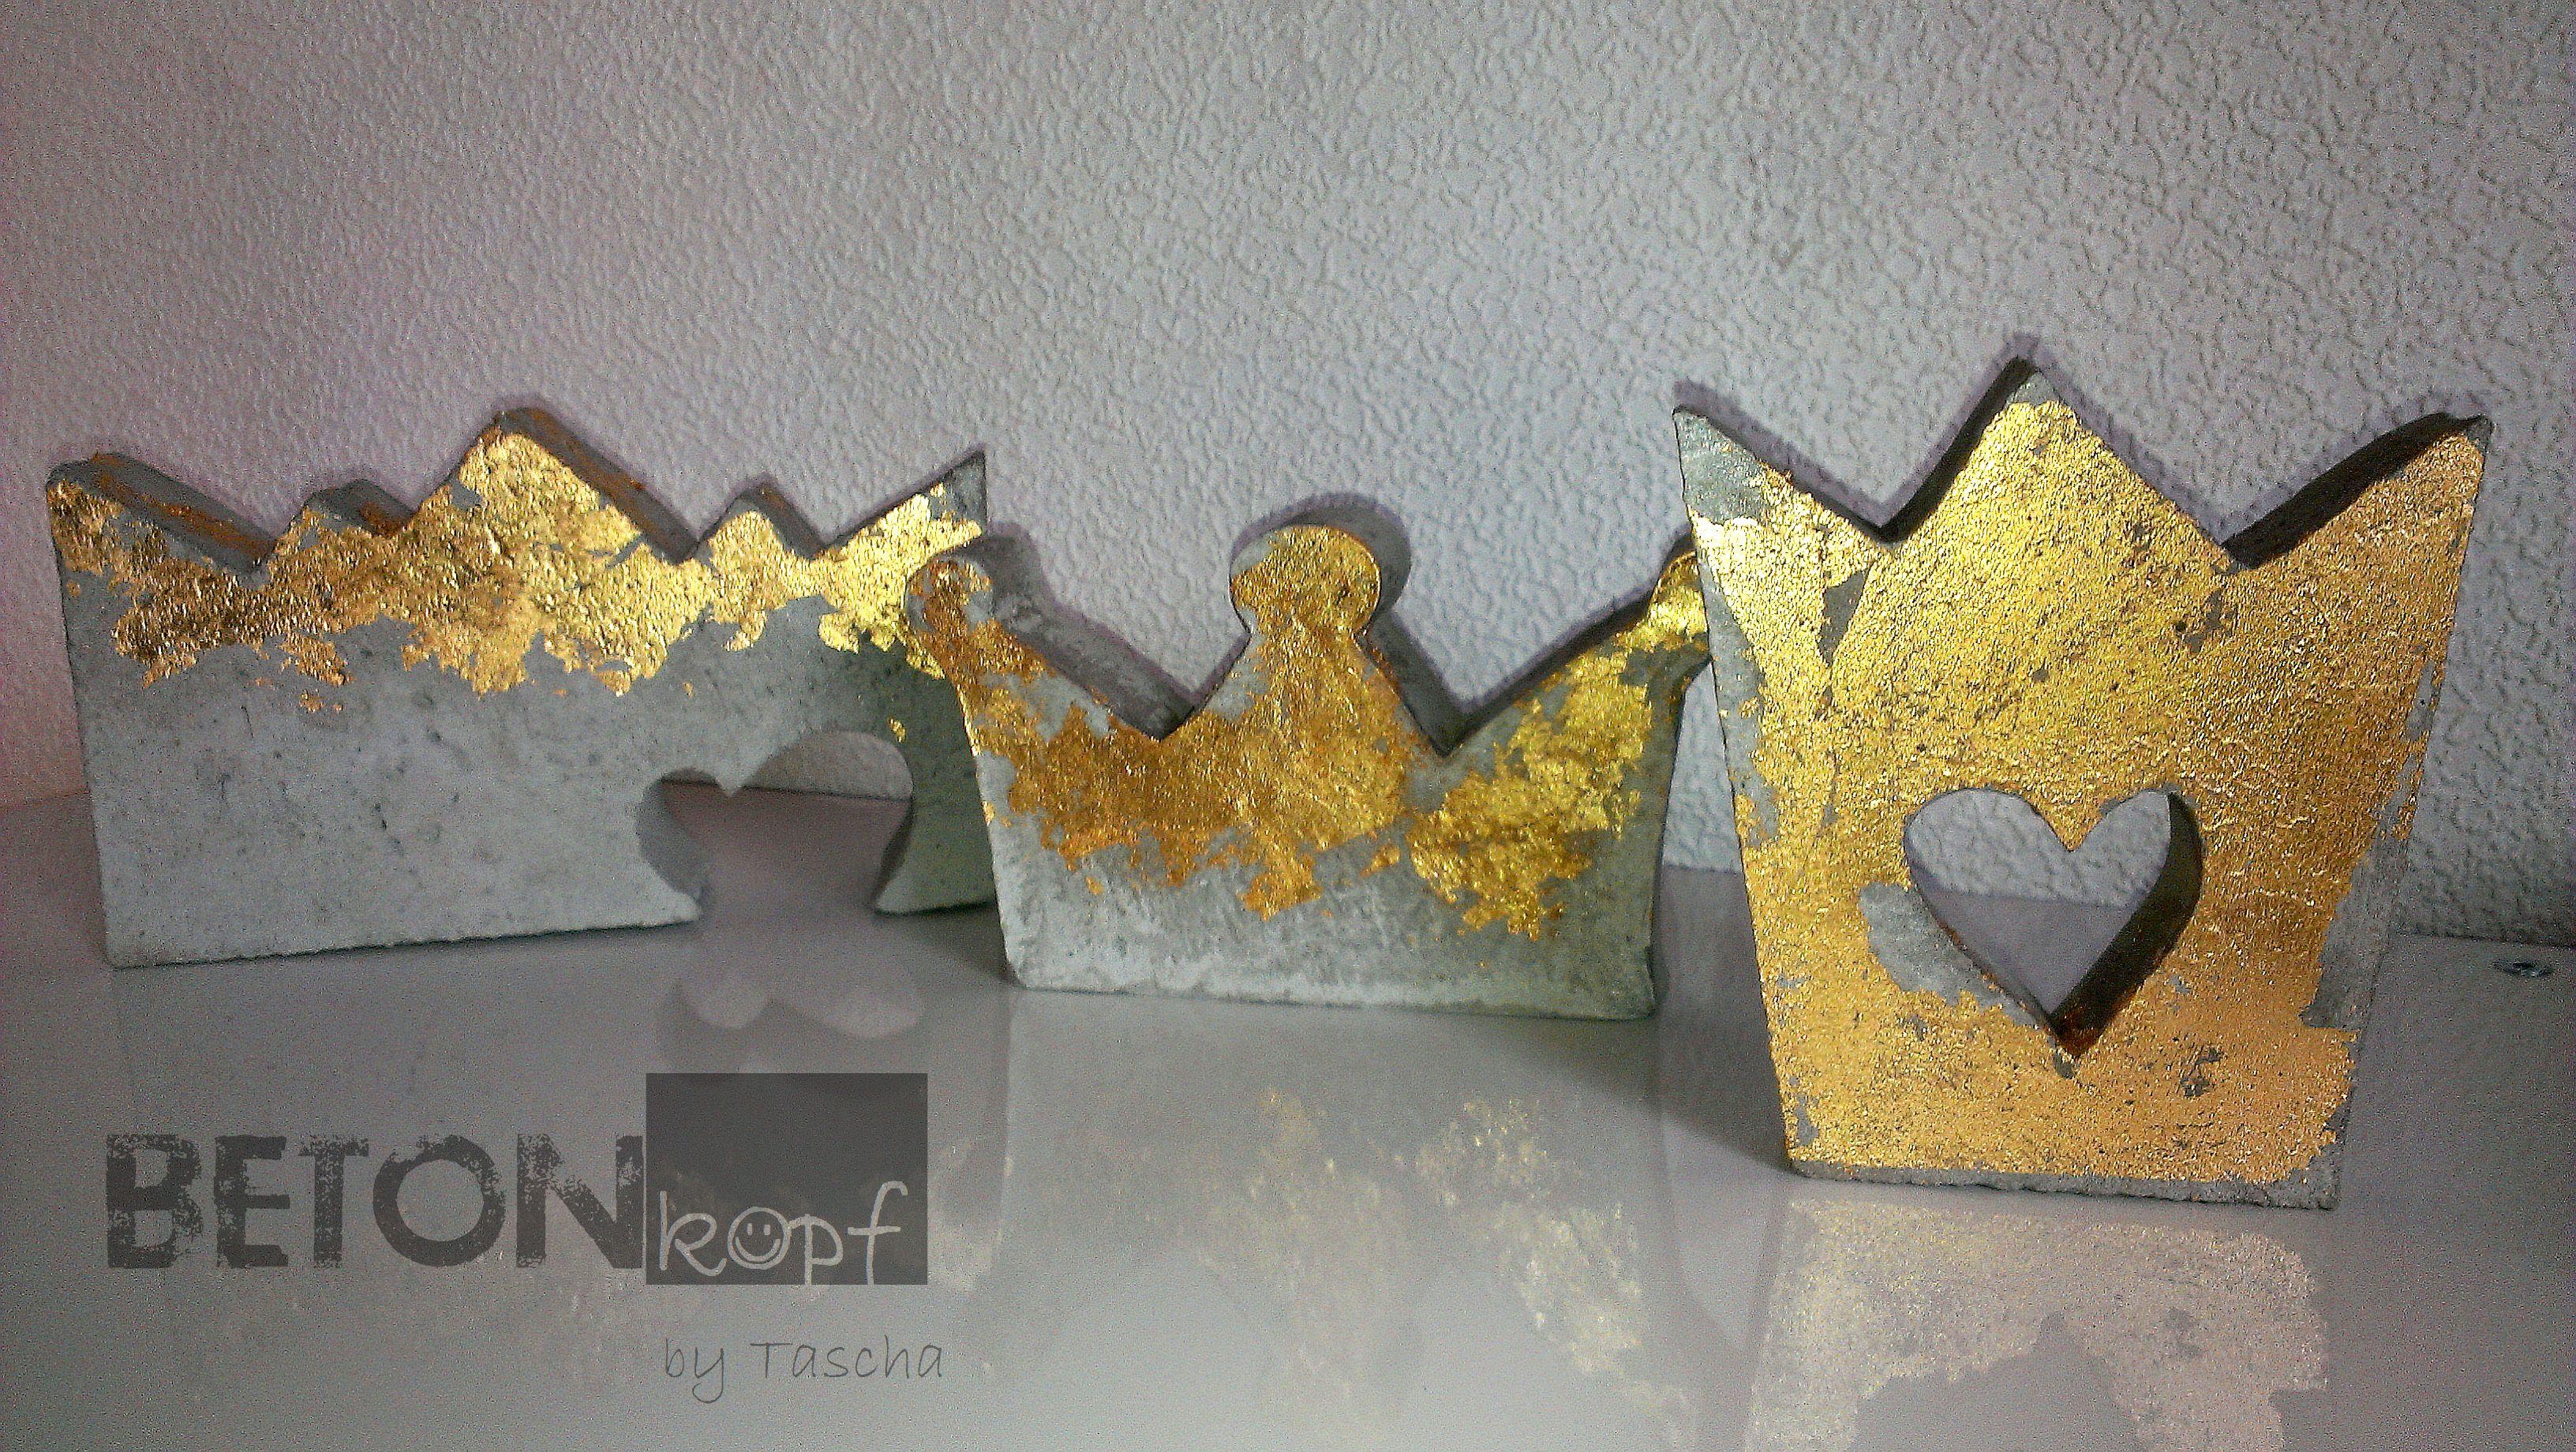 Betonkronen mit blattgold concrete crown with gold foil - Blattgold basteln ...